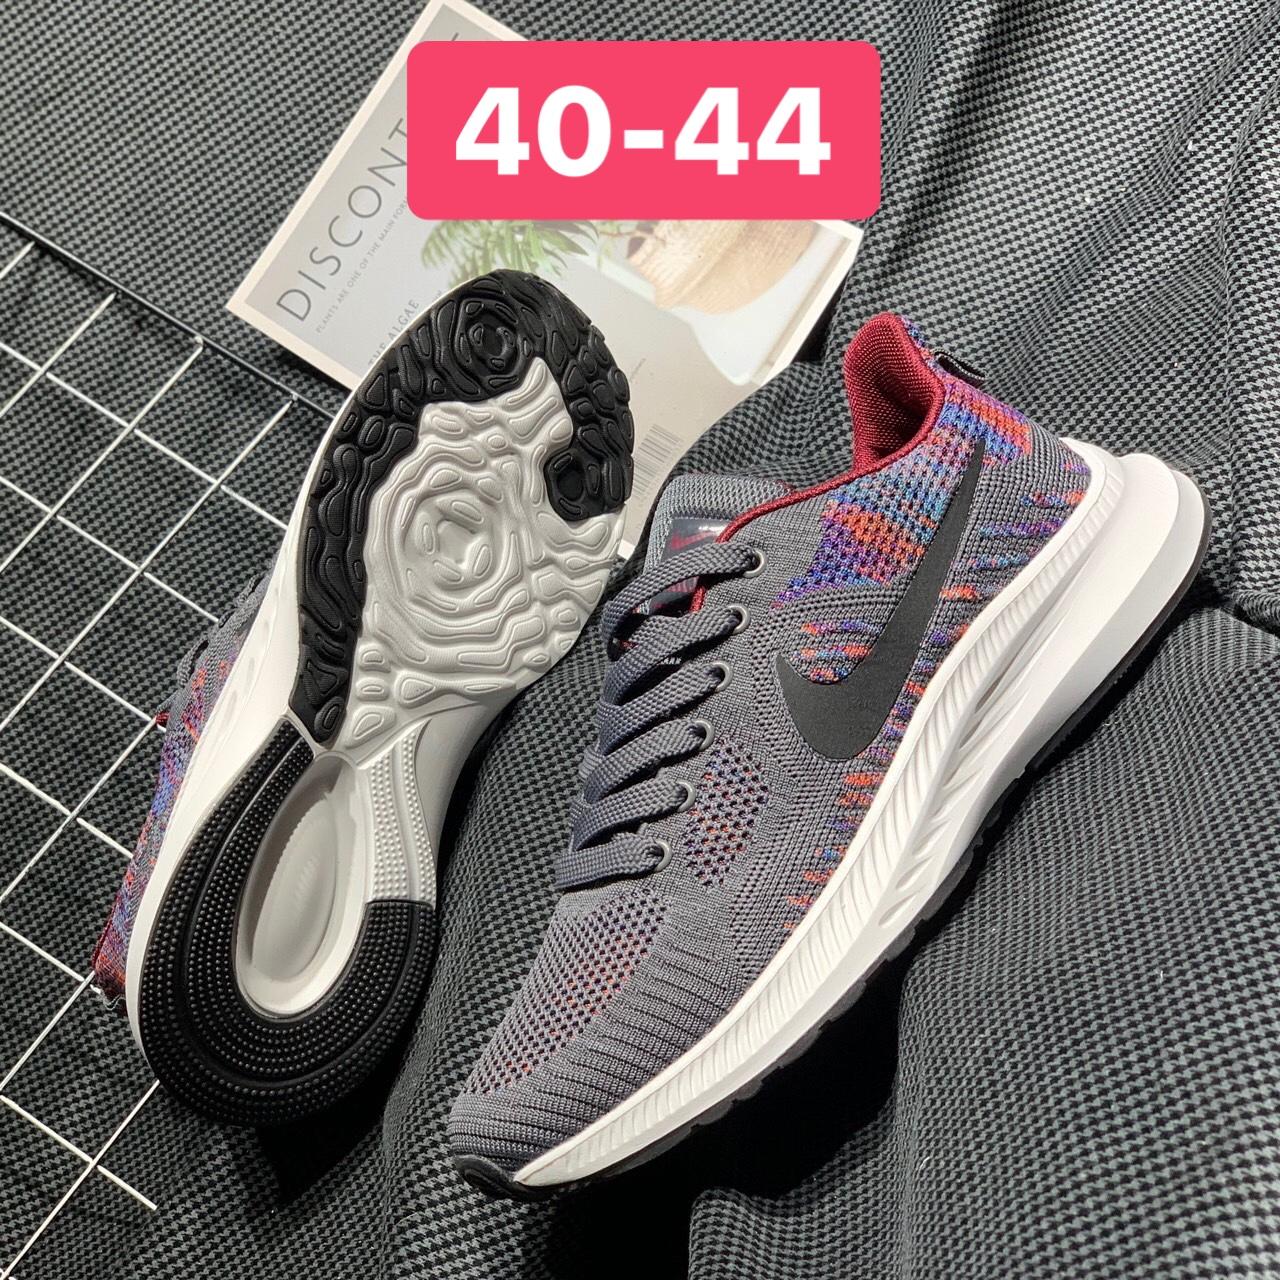 Giày Nike Zoom nam F17 màu đỏ